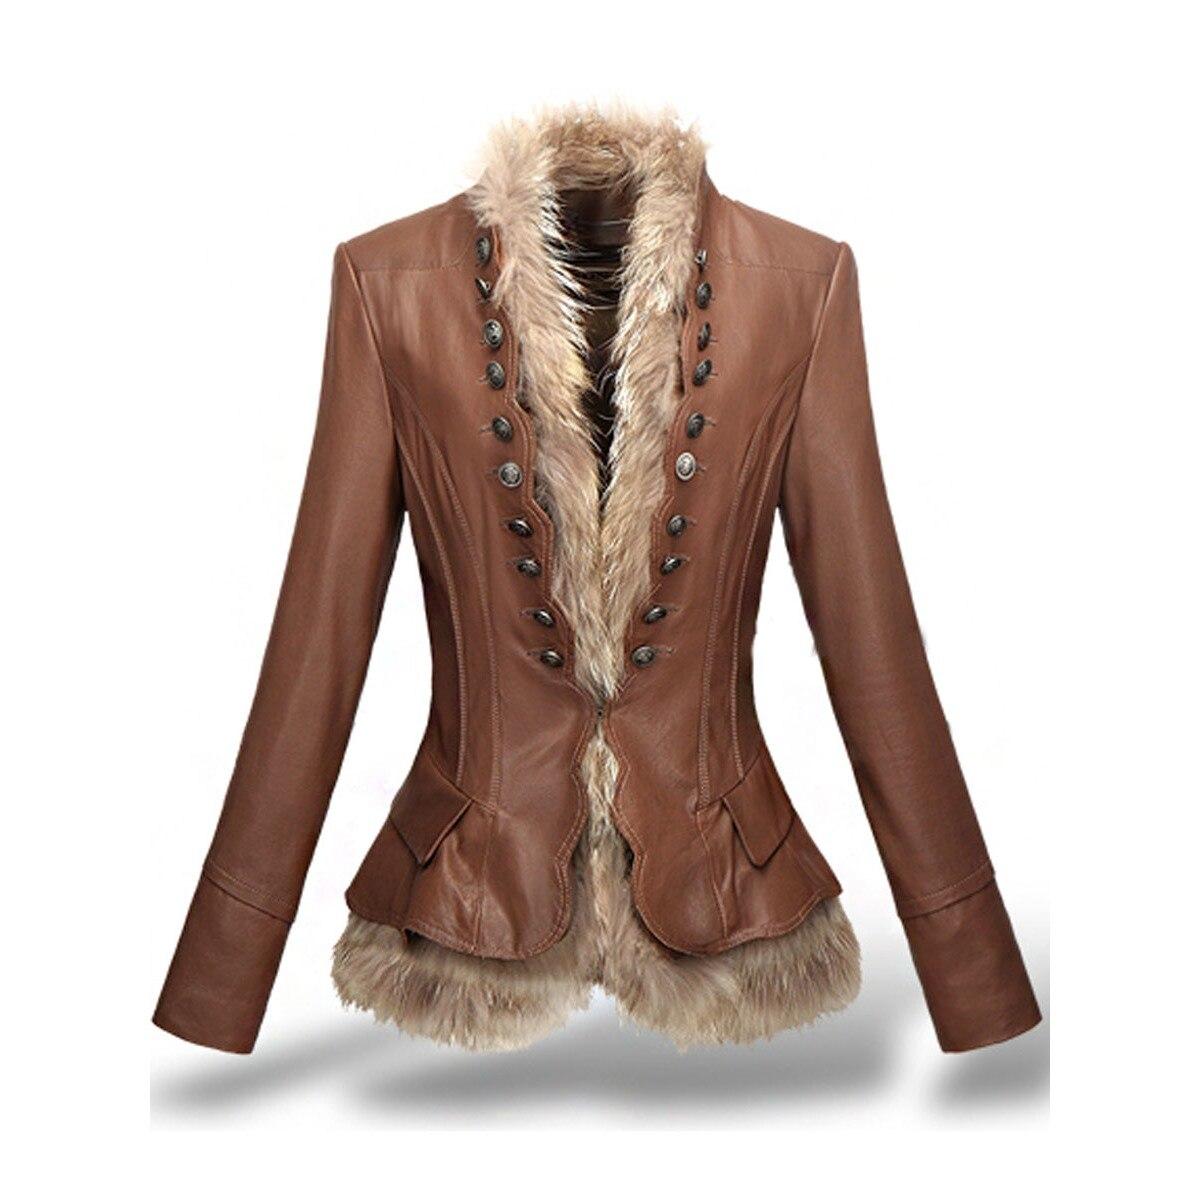 Young17 Automne Veste Femmes Vêtements 2018 Plus La Taille Mince À Manches Longues Streetwear Casual Dames Veste Automne Hiver Épais Pardessus